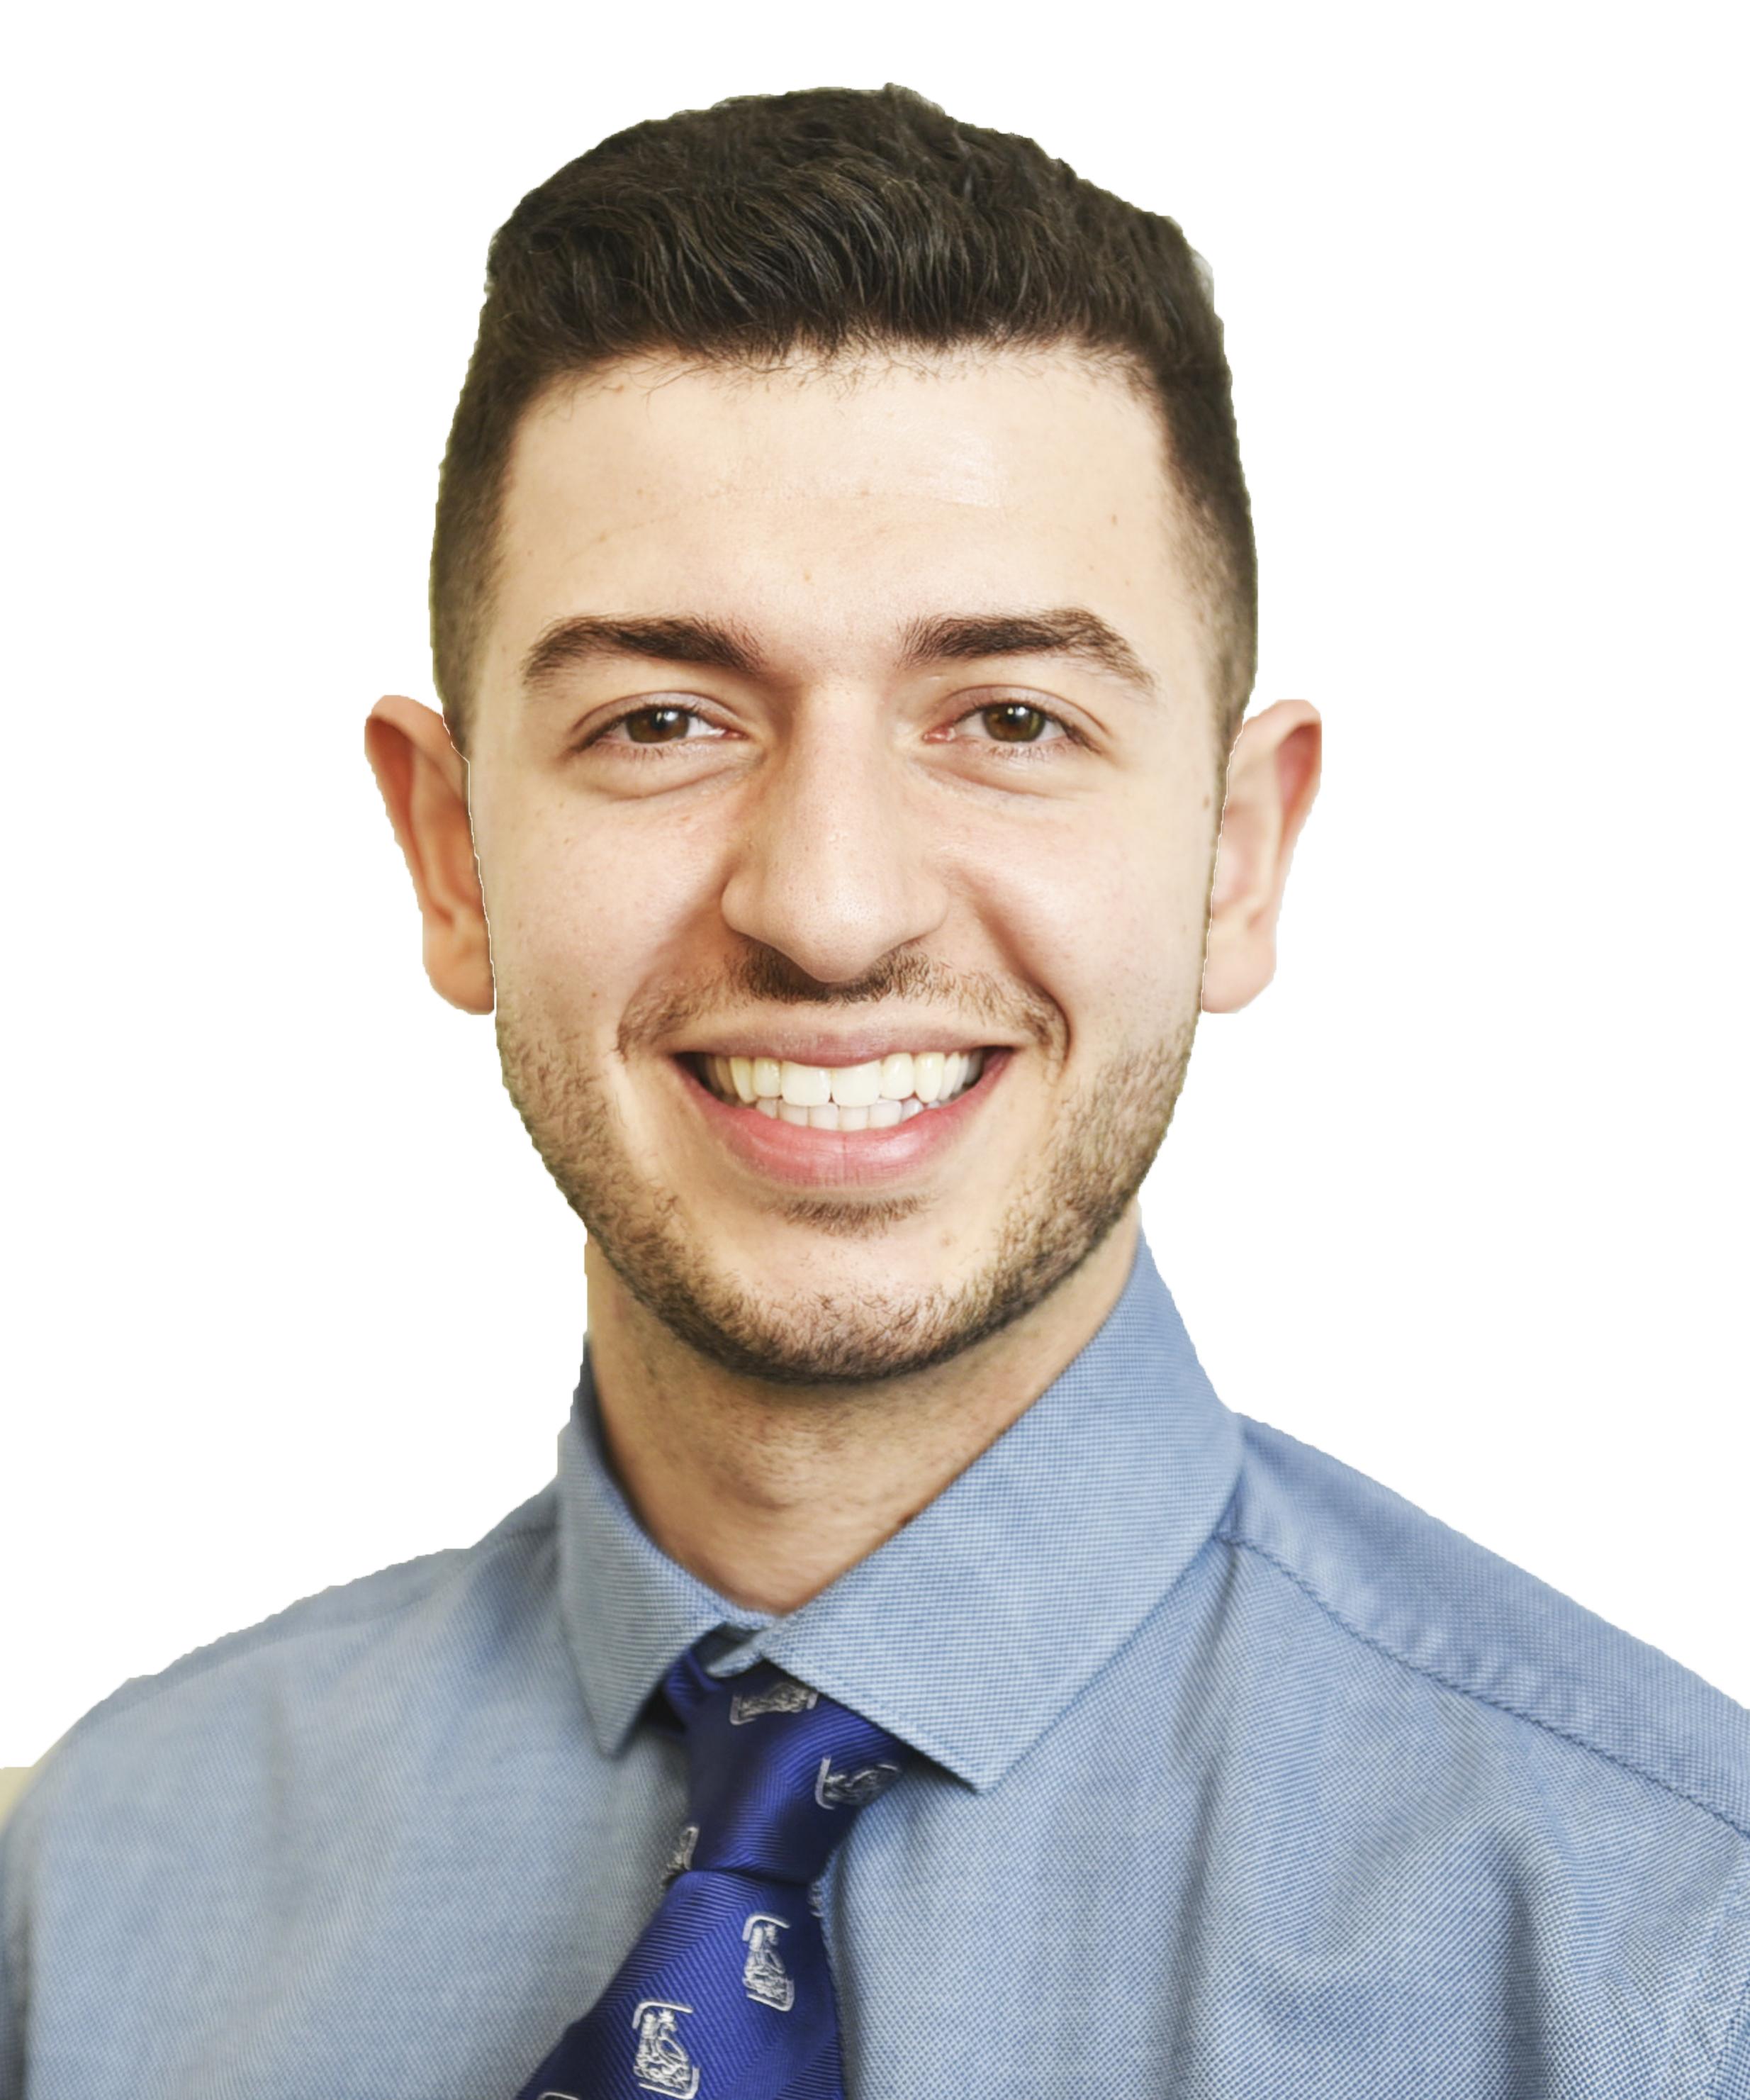 Andrew Kalli